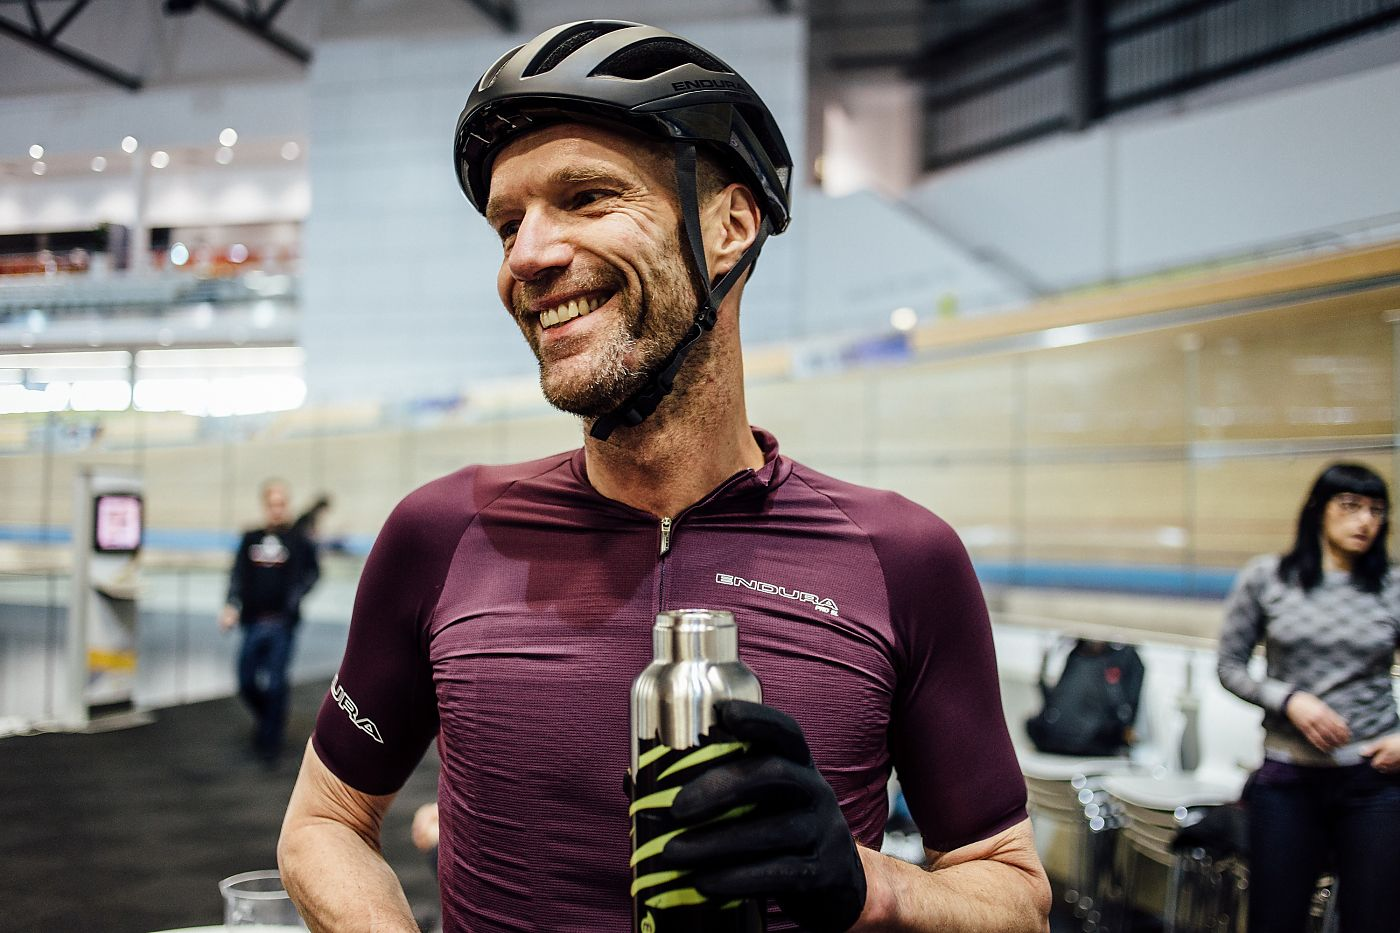 Simon Richardson di Endura muore in un incidente in bicicletta